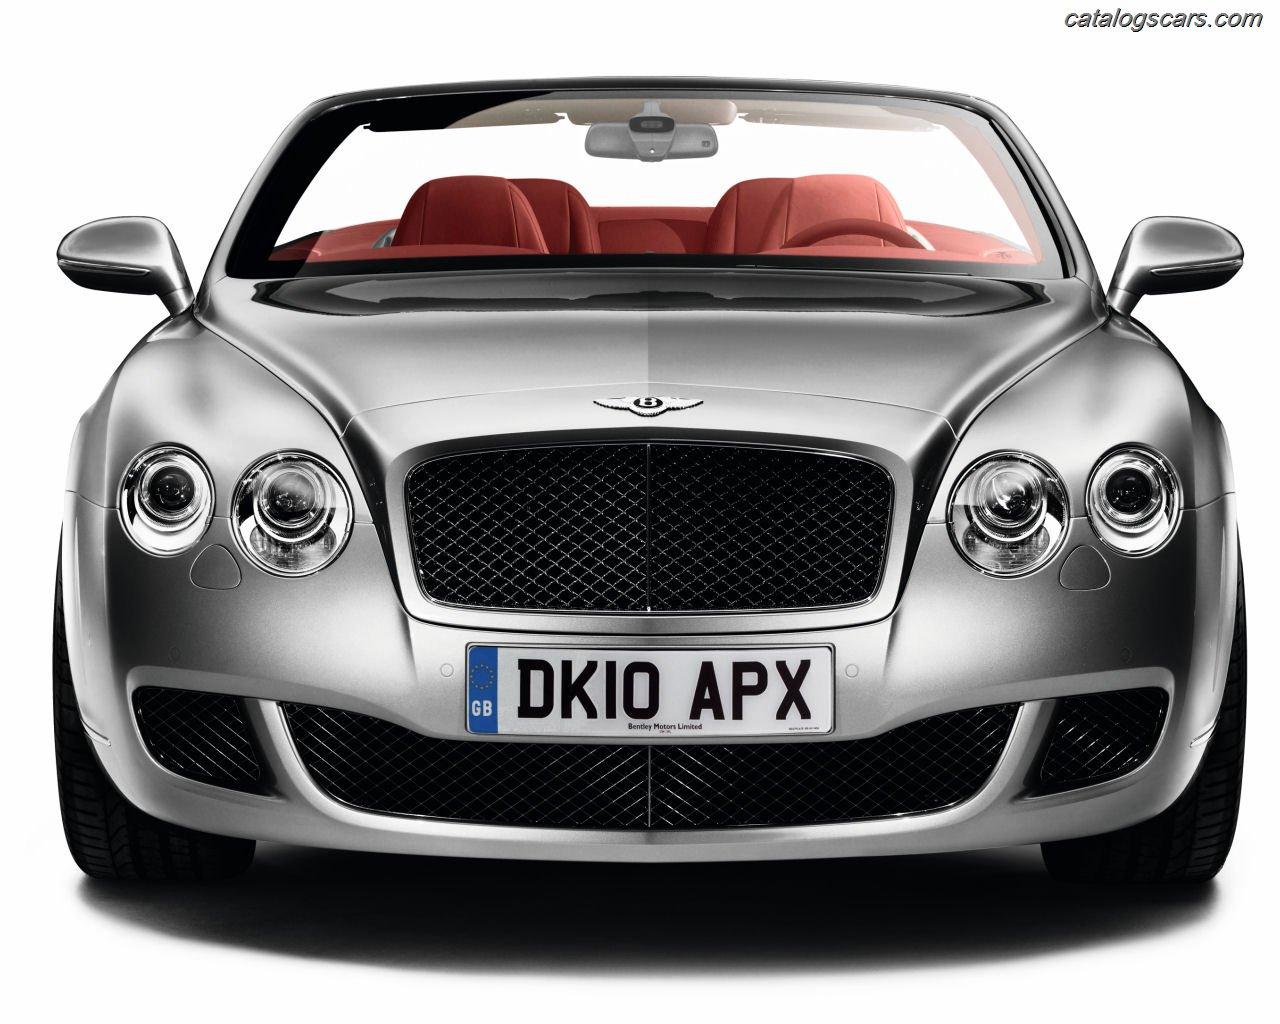 صور سيارة بنتلى كونتيننتال جى تى سى سبيد 2012 - اجمل خلفيات صور عربية بنتلى كونتيننتال جى تى سى سبيد 2012 - Bentley Continental Gtc Speed Photos Bentley-Continental-Gtc-Speed-2011-03.jpg